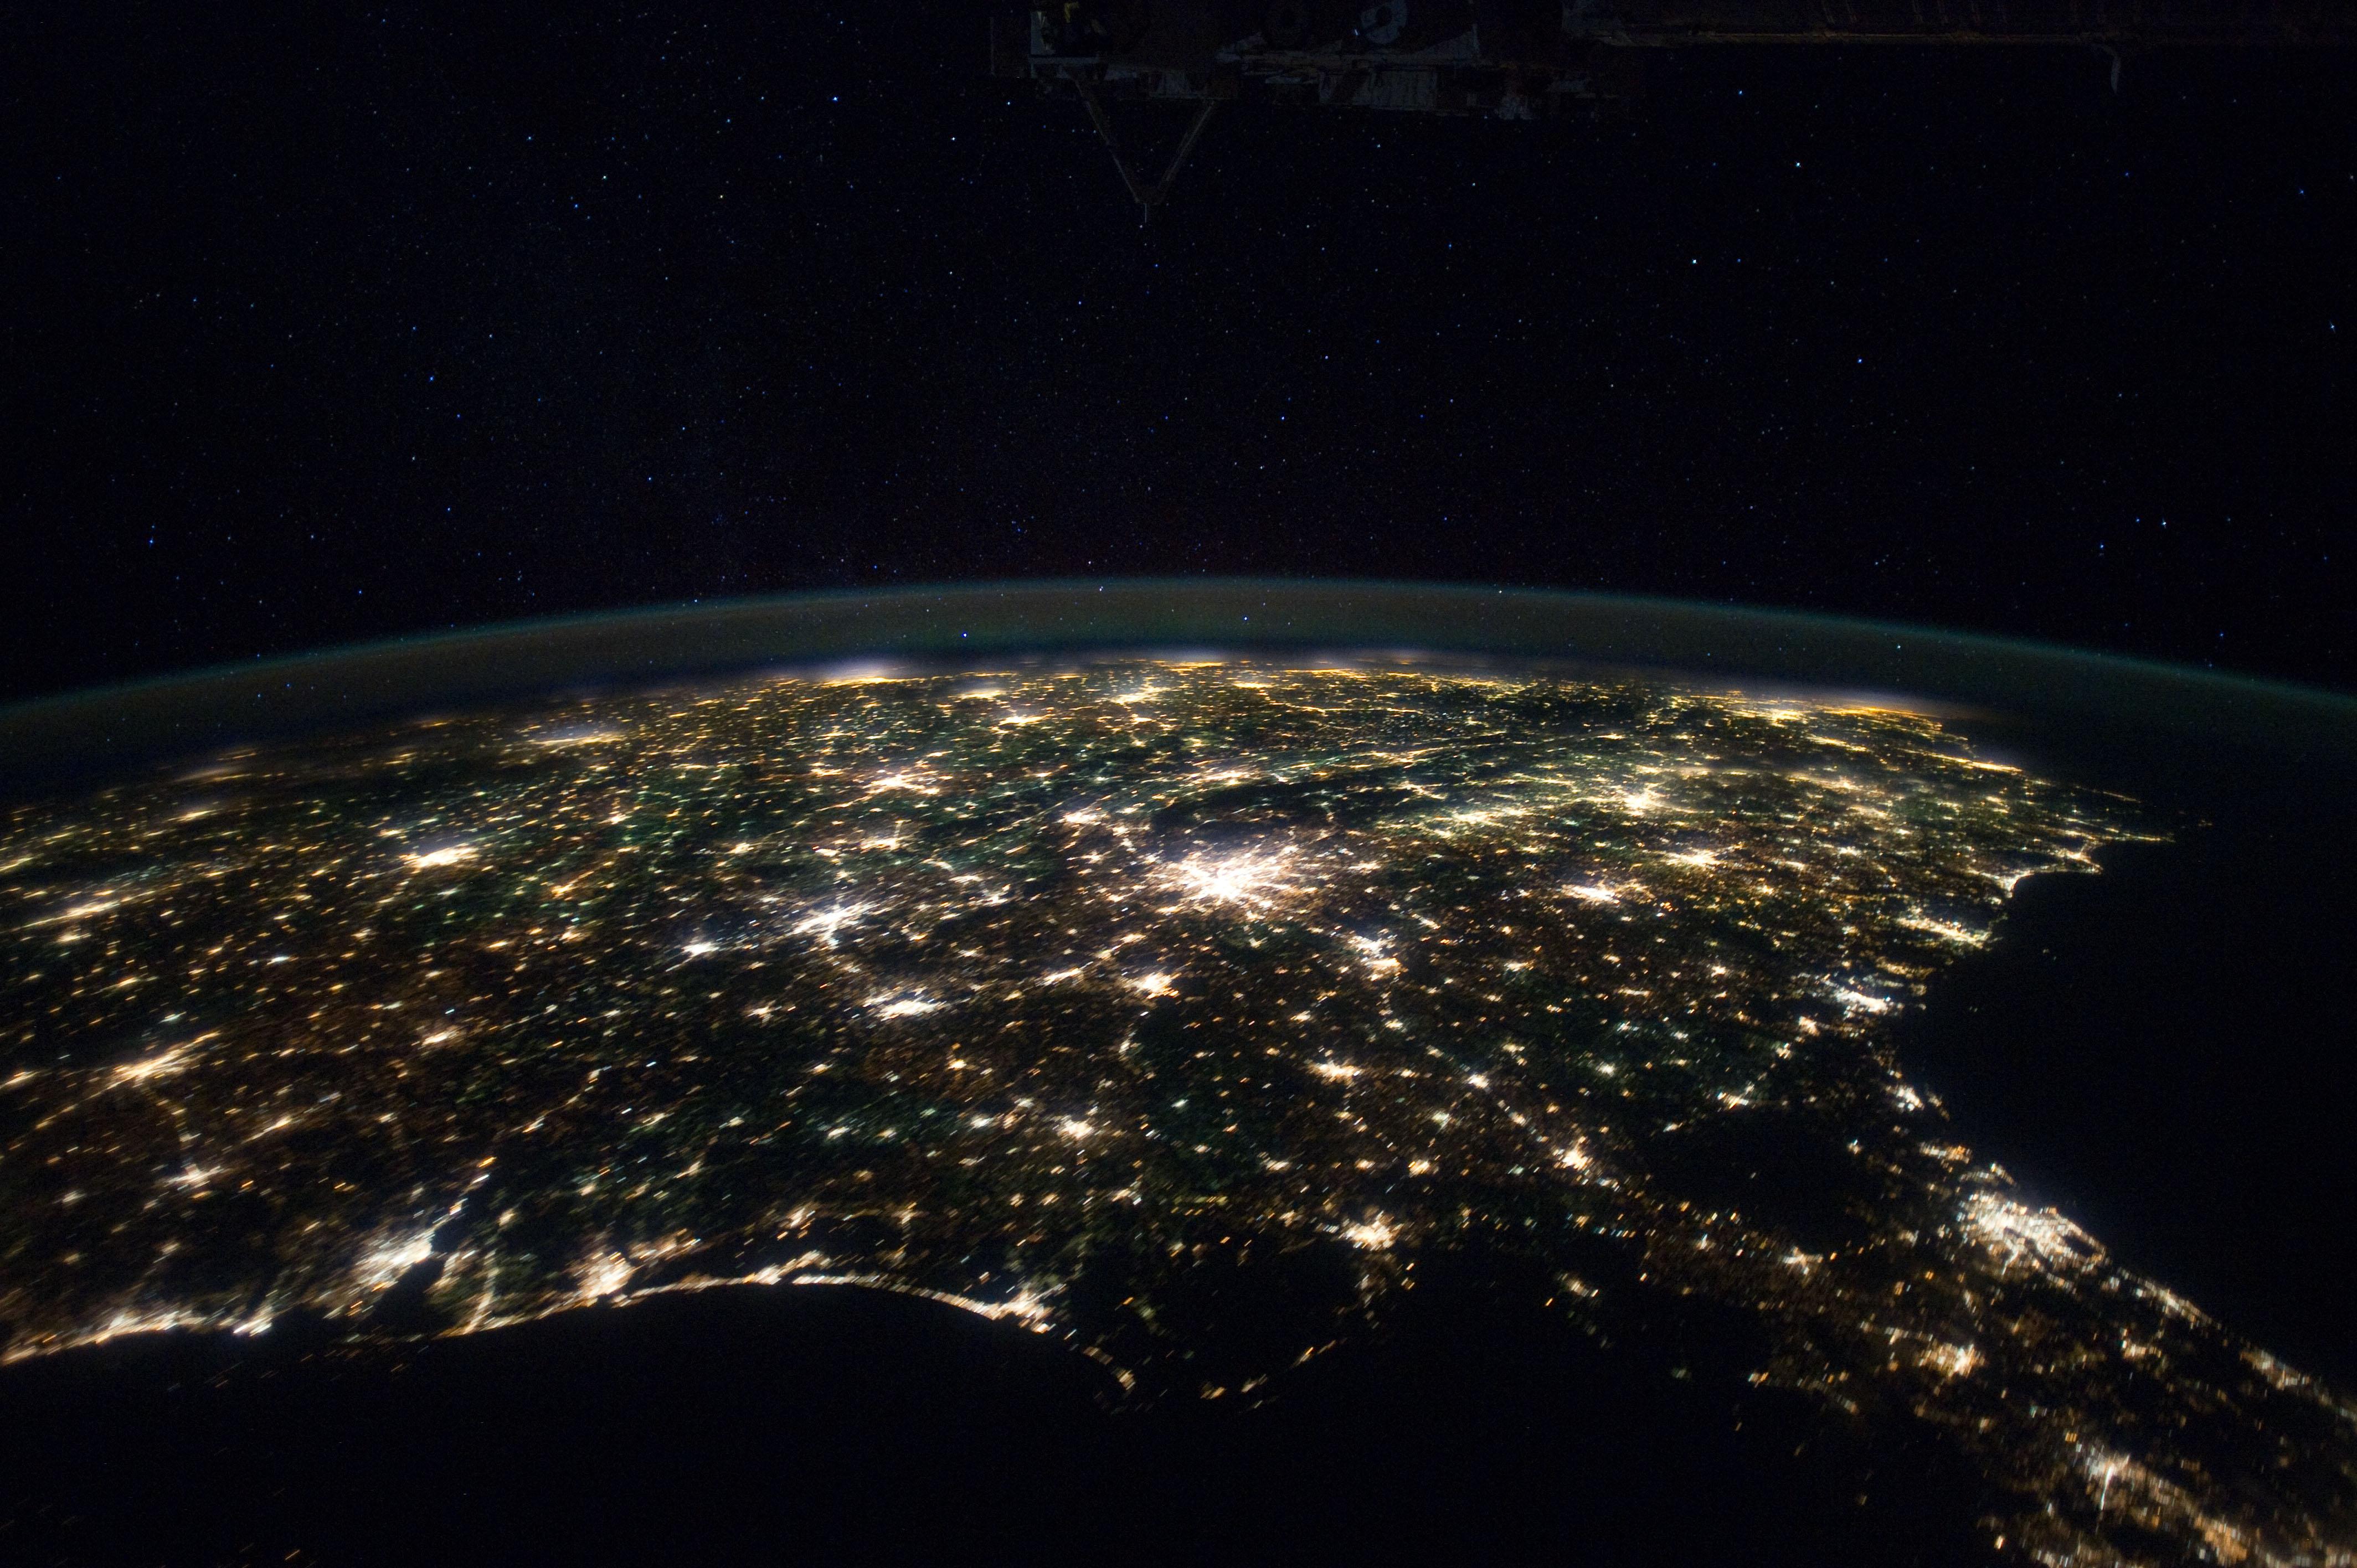 для привлечения фото мира из космоса или поведение